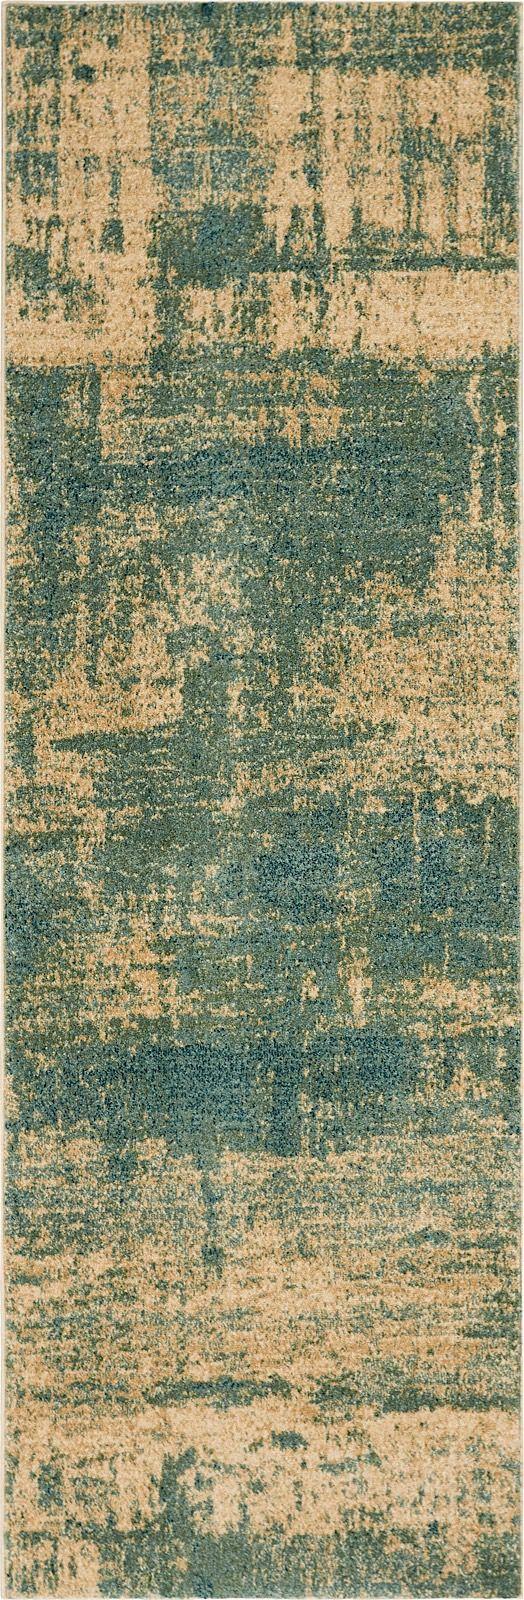 kas cordoba traditional area rug collection